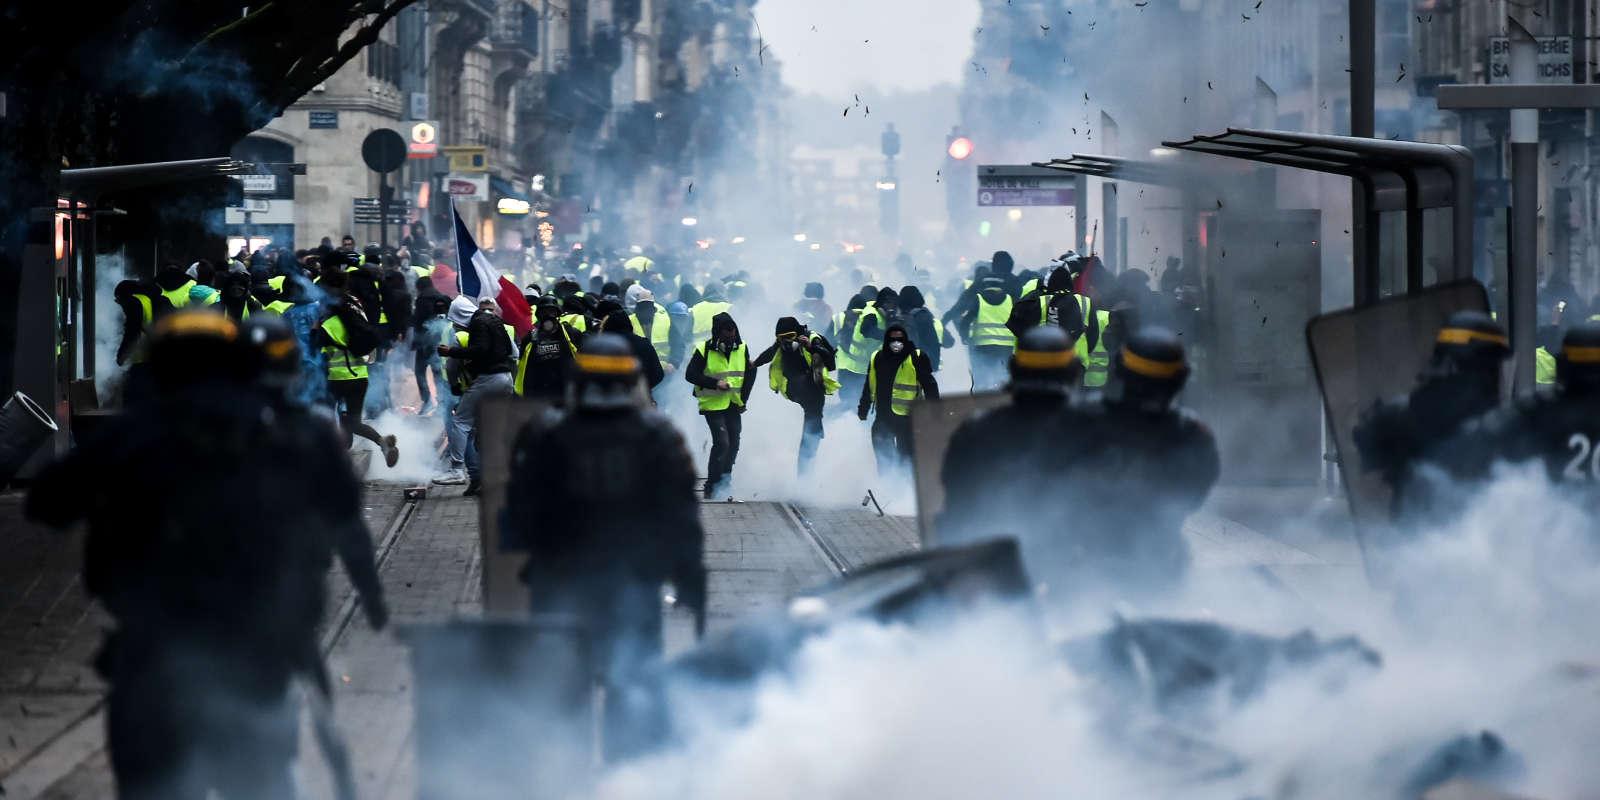 Un homme dans les gaz lacrymogènes lors de la manifestation des « gilets jaunes» à Bordeaux, le 8 décembre.